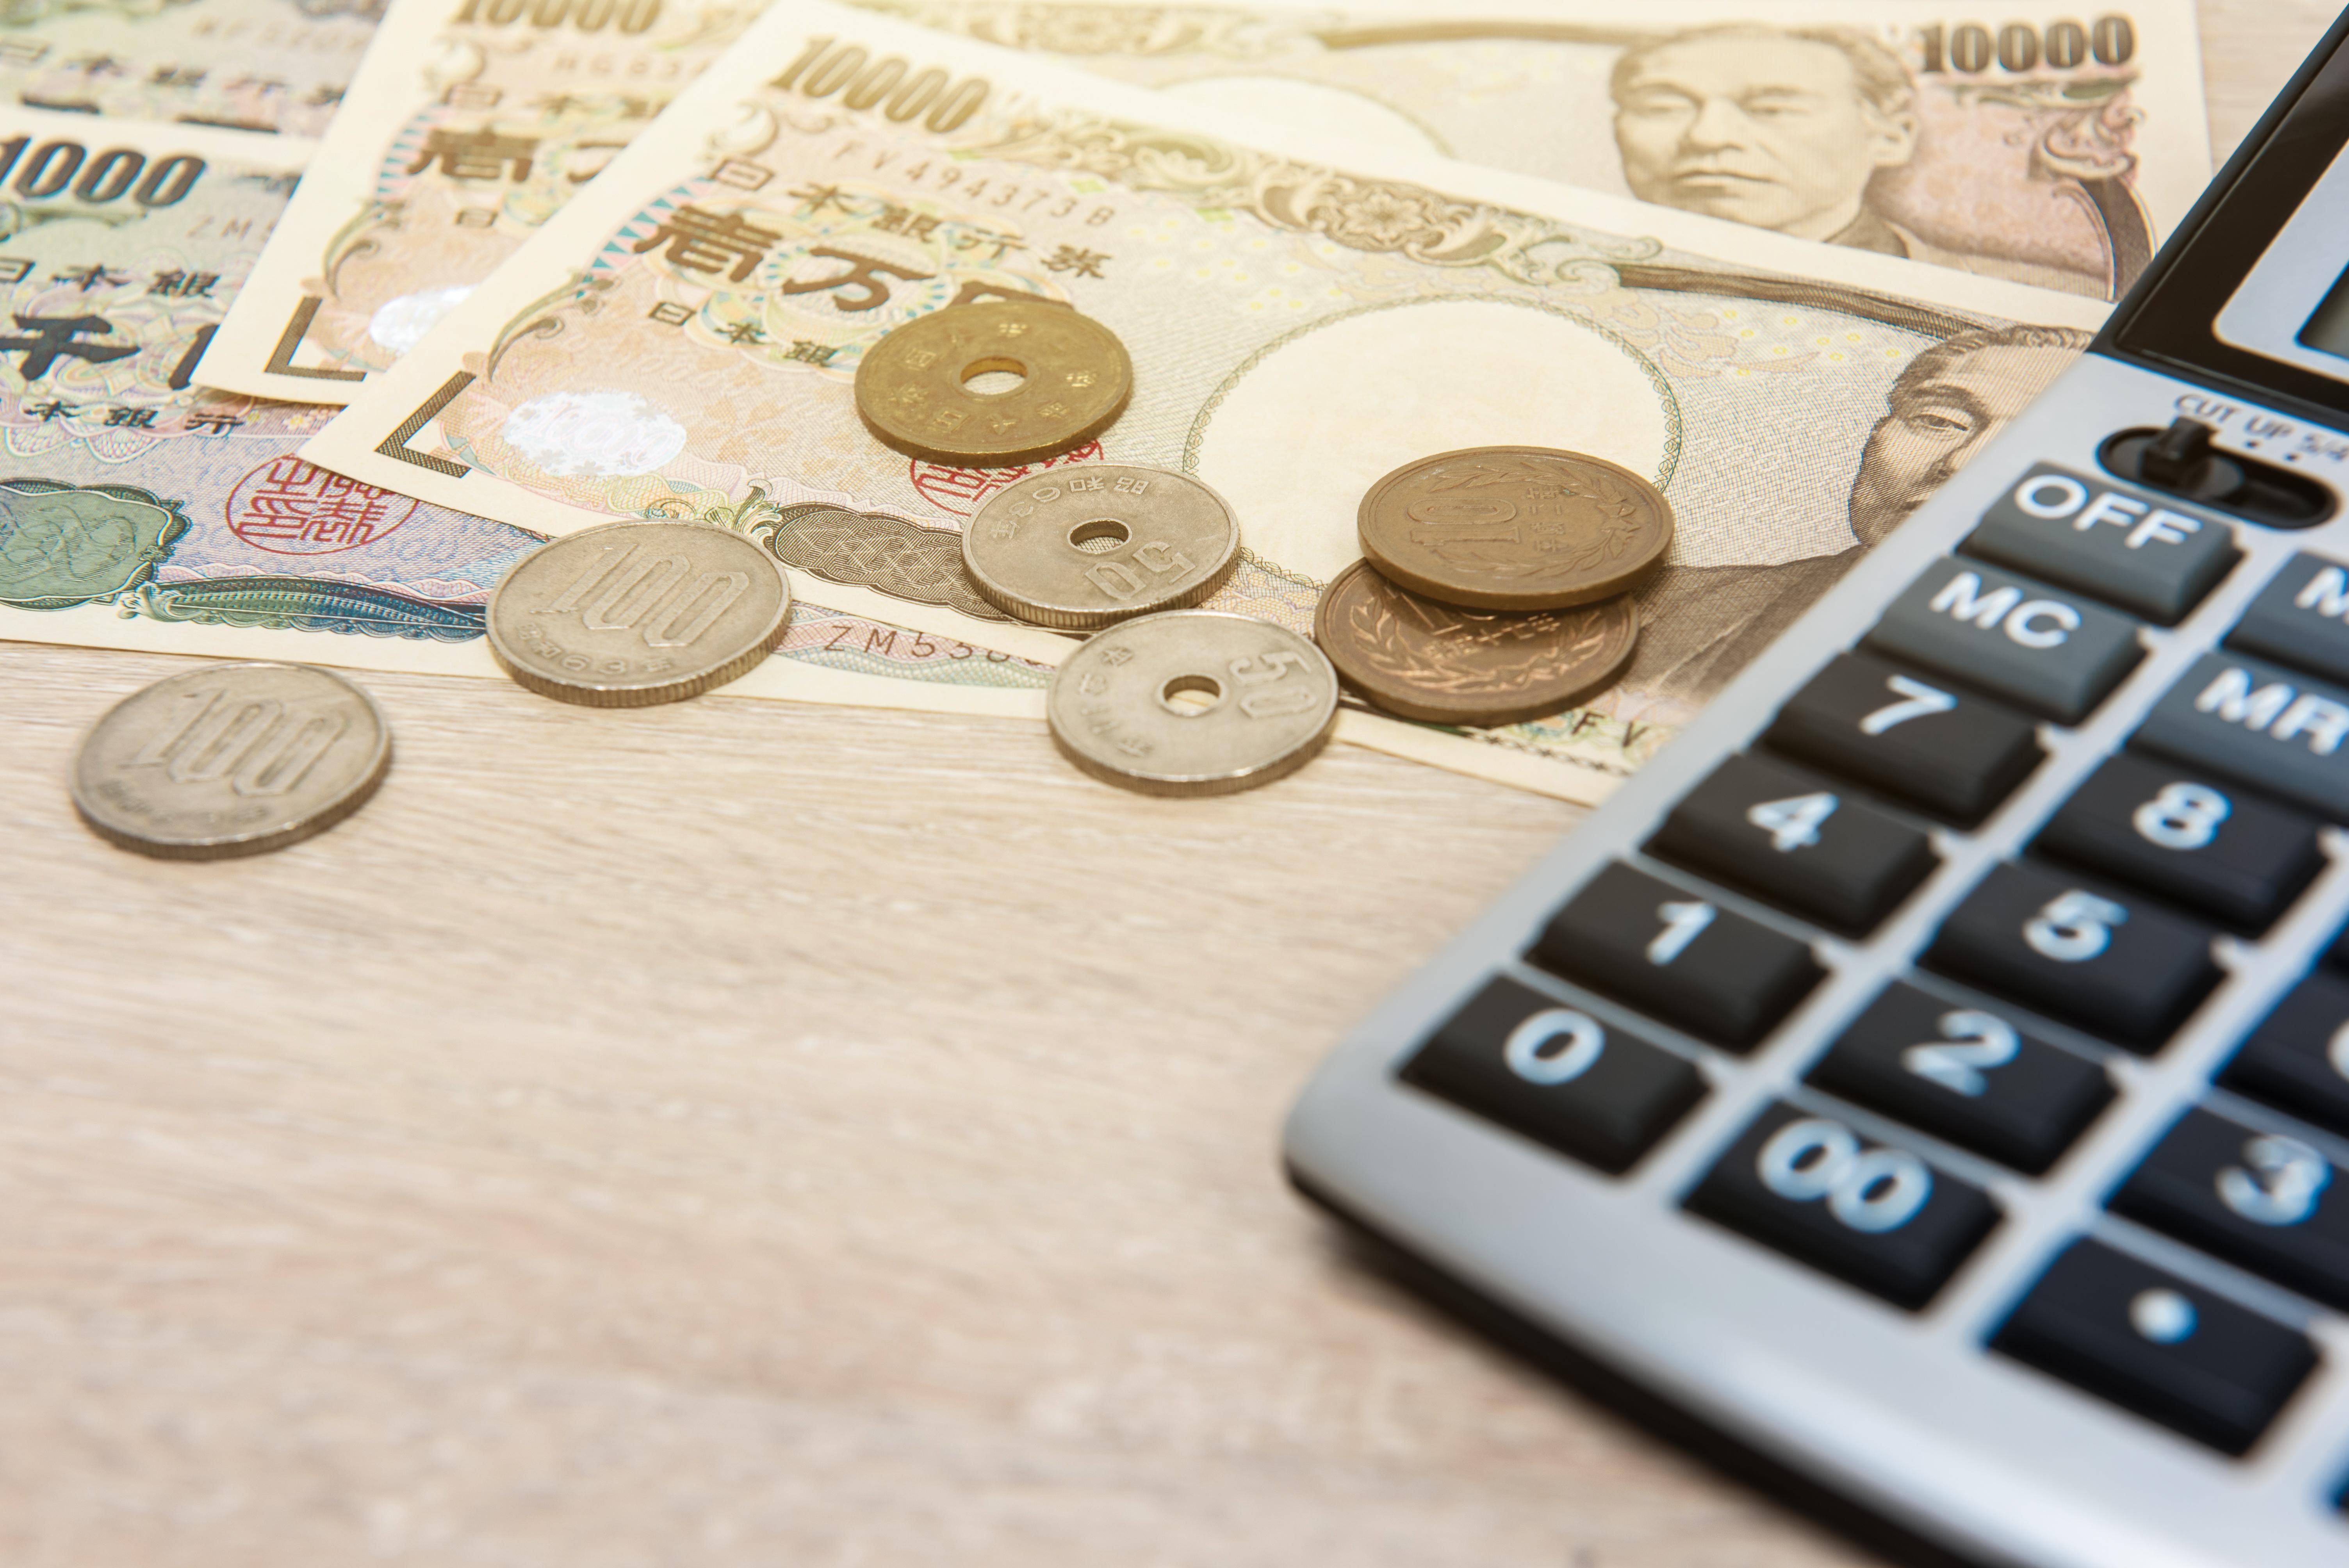 澳元交叉盘走势分析∶澳元/日元、澳元/纽元、欧元/澳元、澳元/加元、澳元/瑞郎